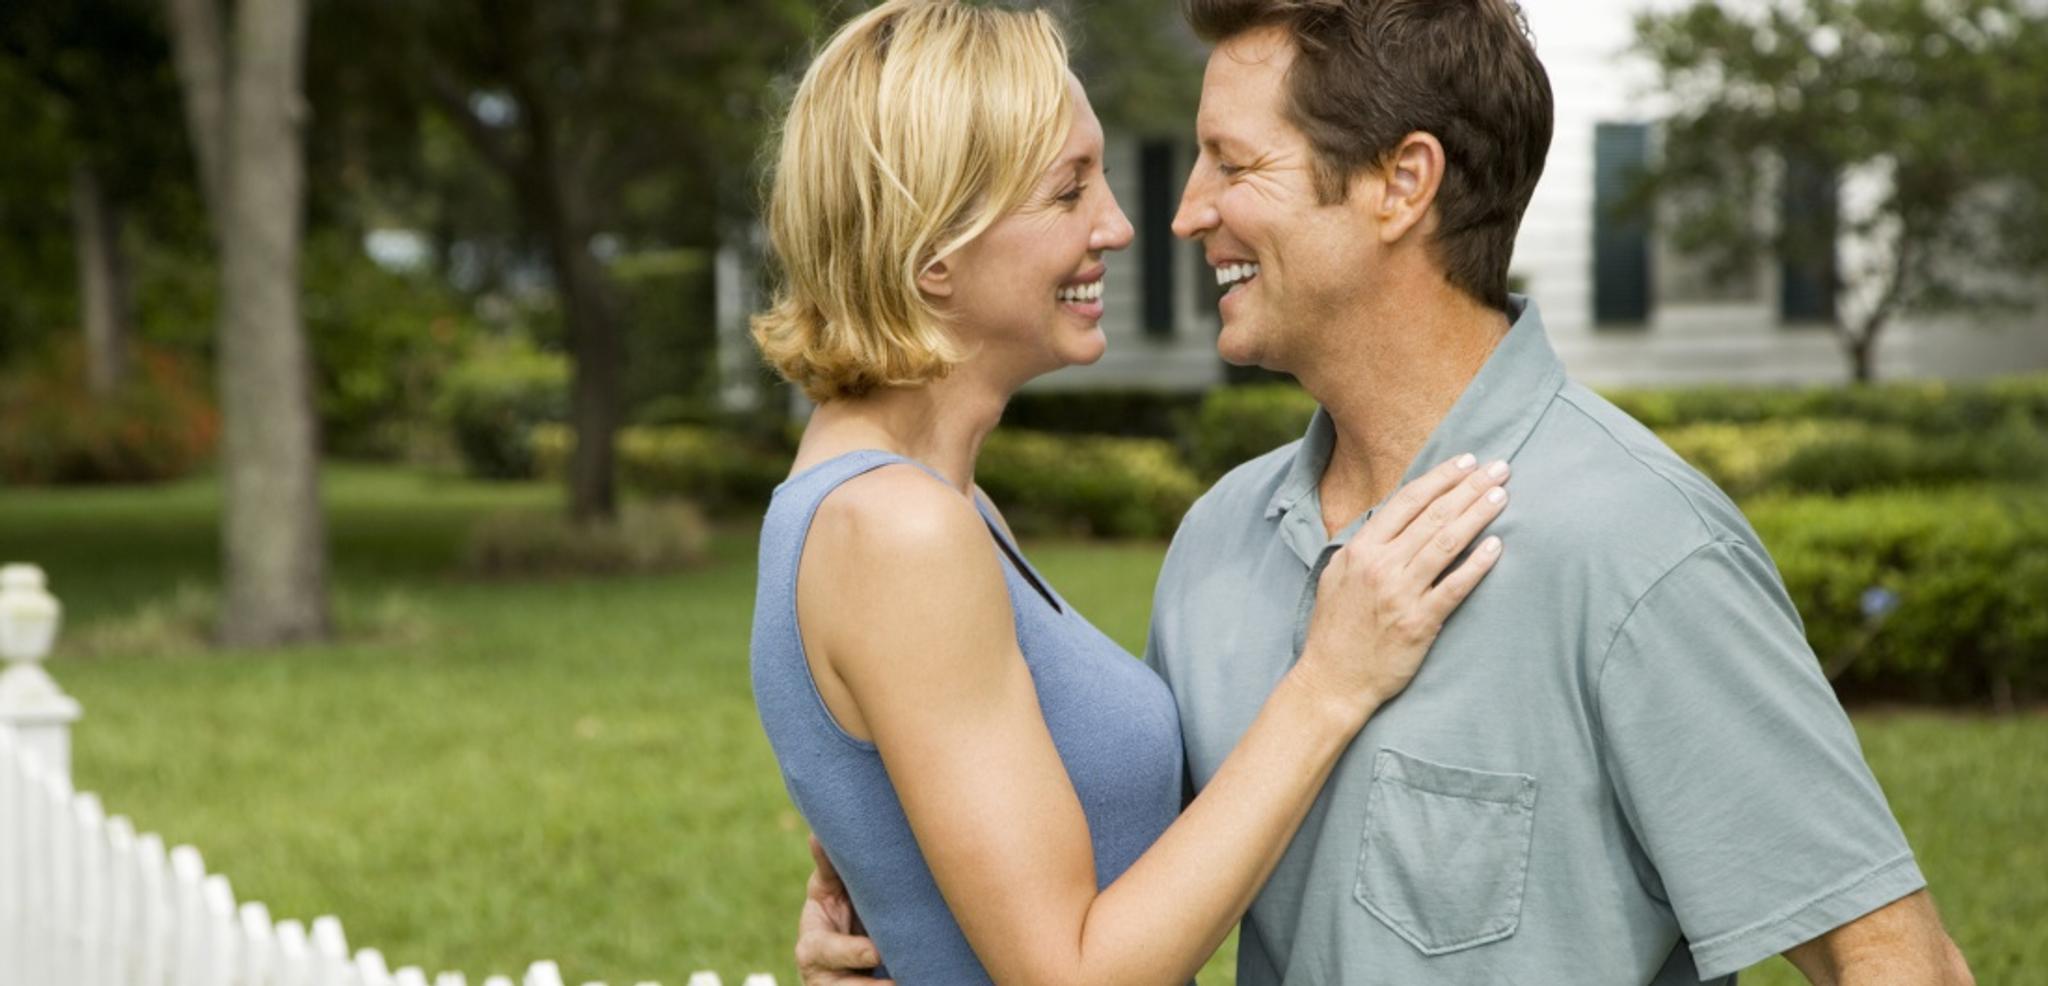 Käsittelevät dating stressi